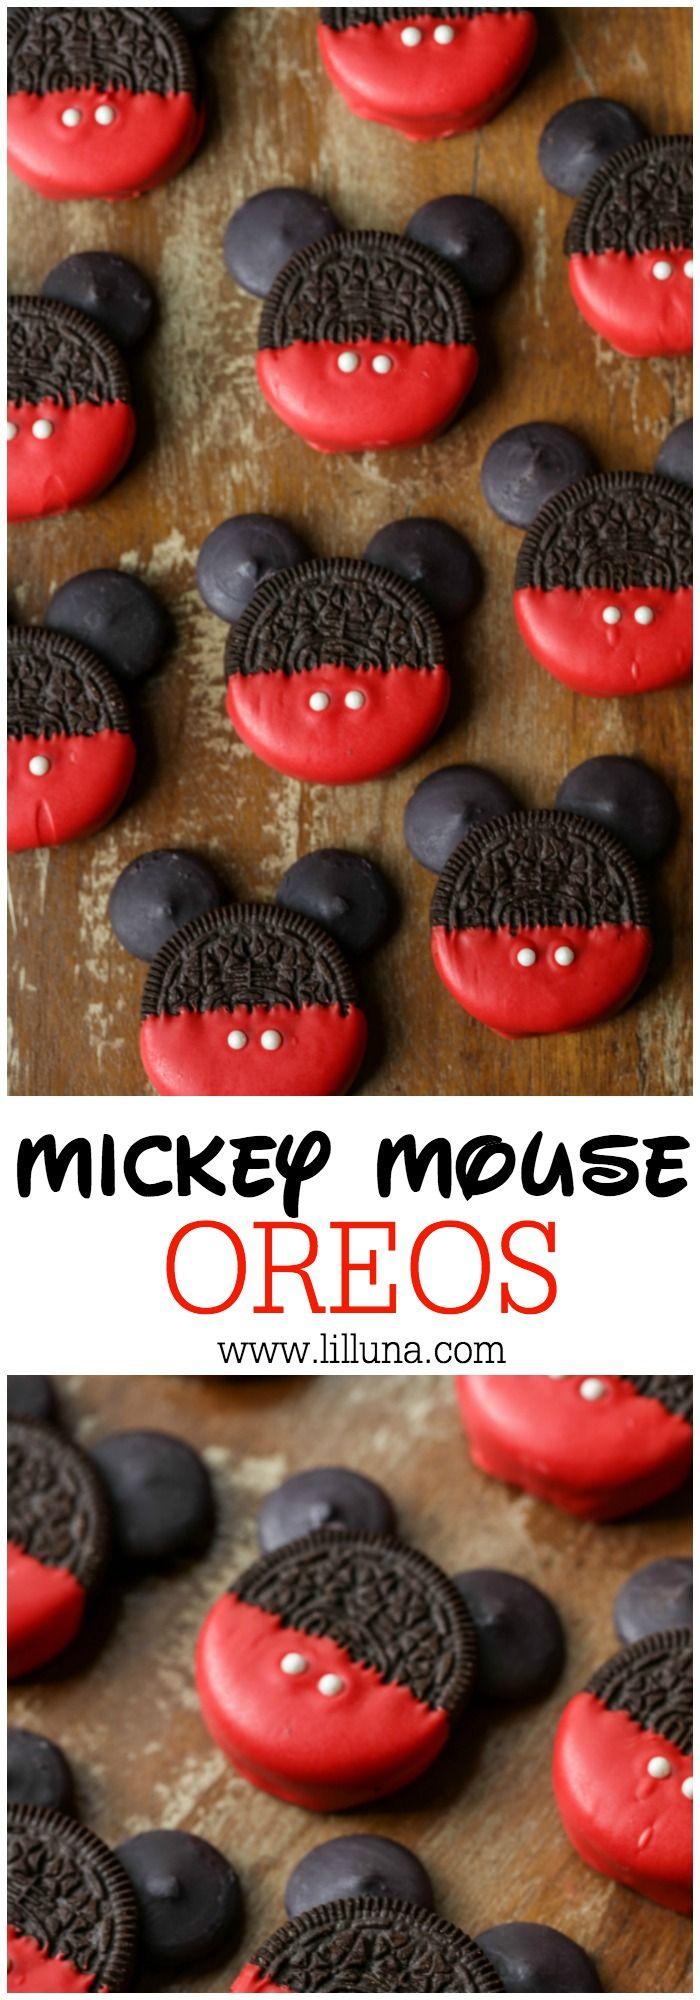 HOLIDAY BOARD: Mickey Mouse OREOS